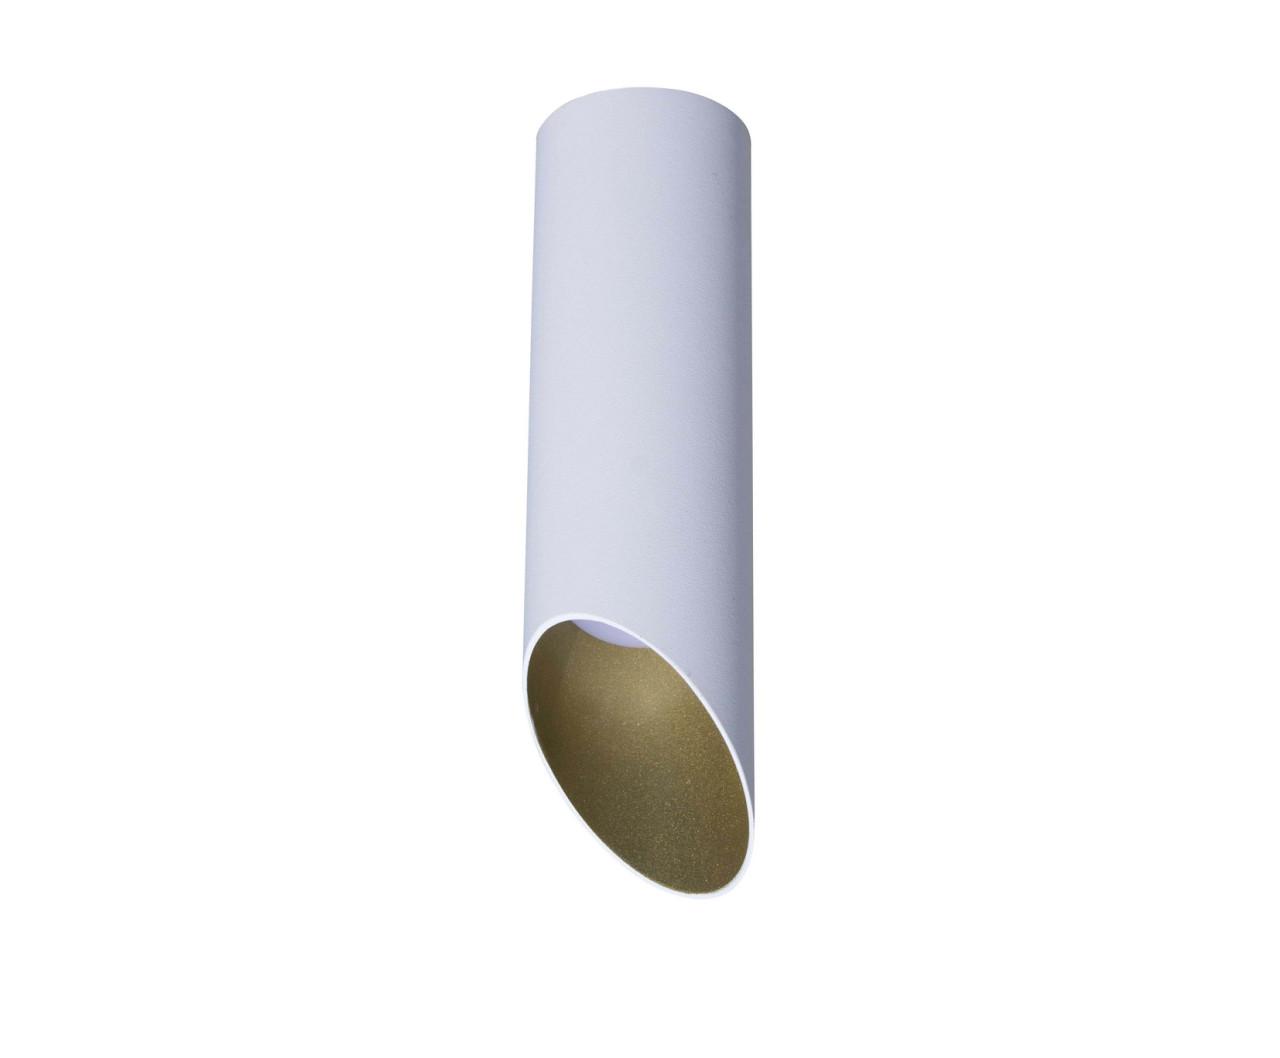 Светильник потолочный  Трубка NL 1805W  MSK Electric